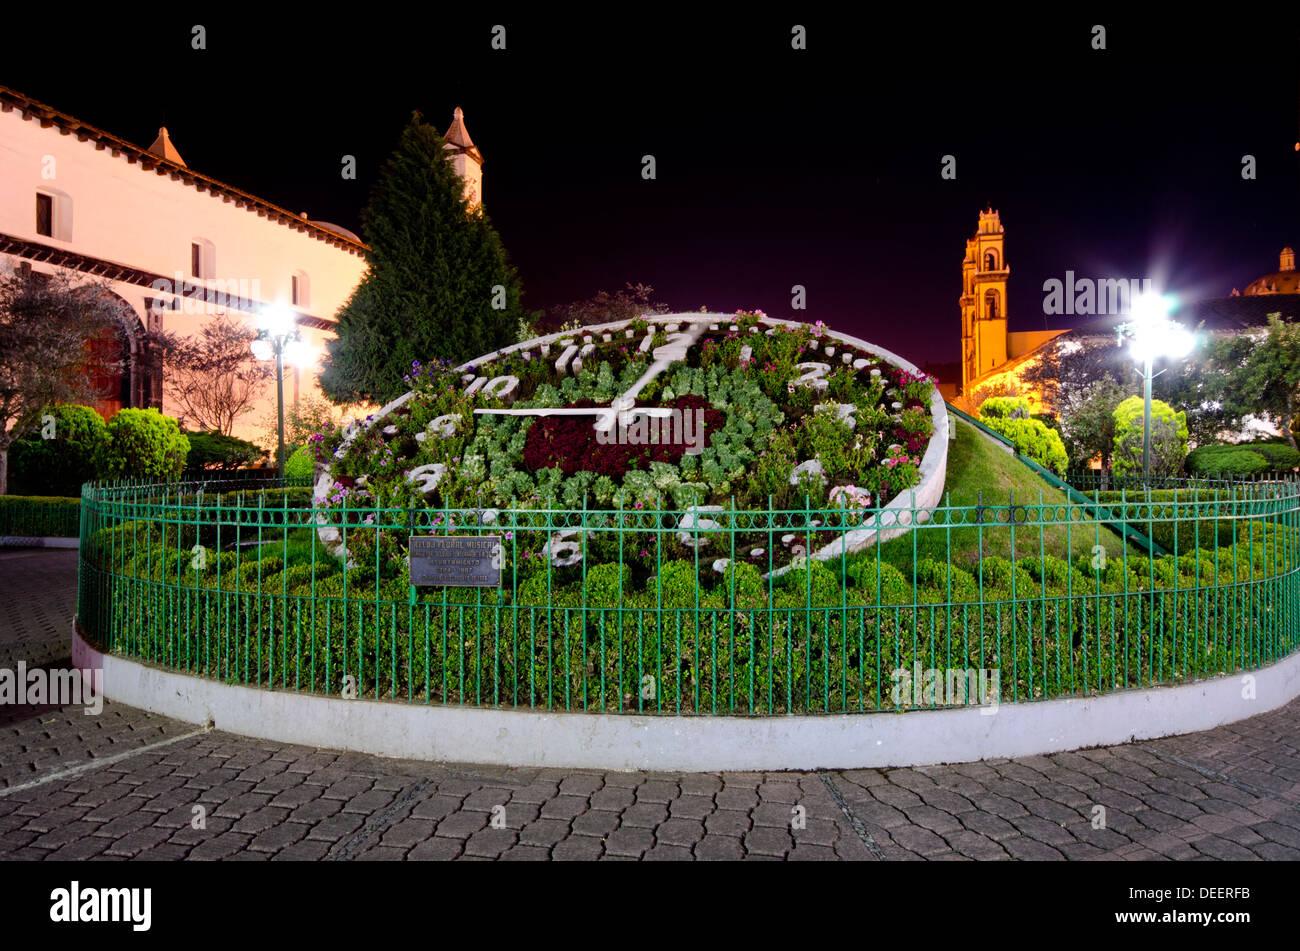 ddbb04c970ce Vista nocturna del reloj de flores en la plaza principal de Zacatlan en el estado  de Puebla